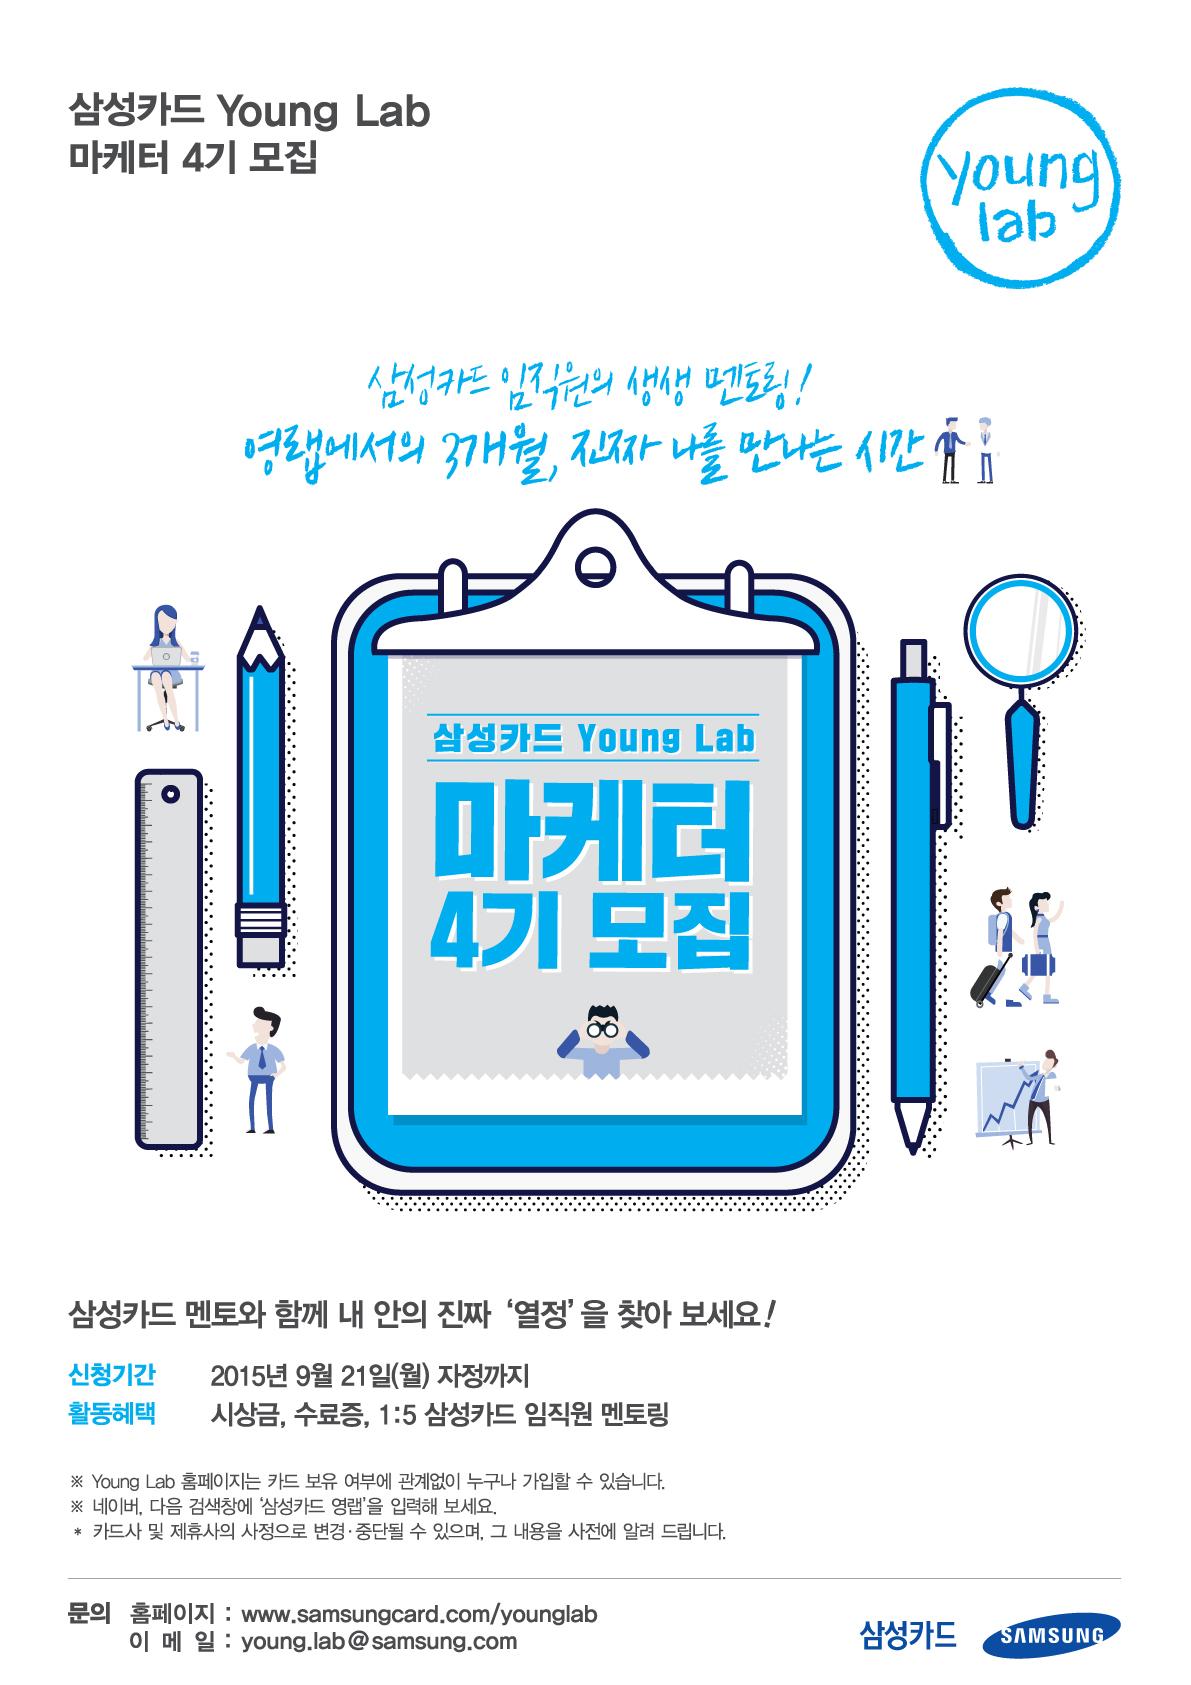 삼성카드 영랩 마케터 4기 모집